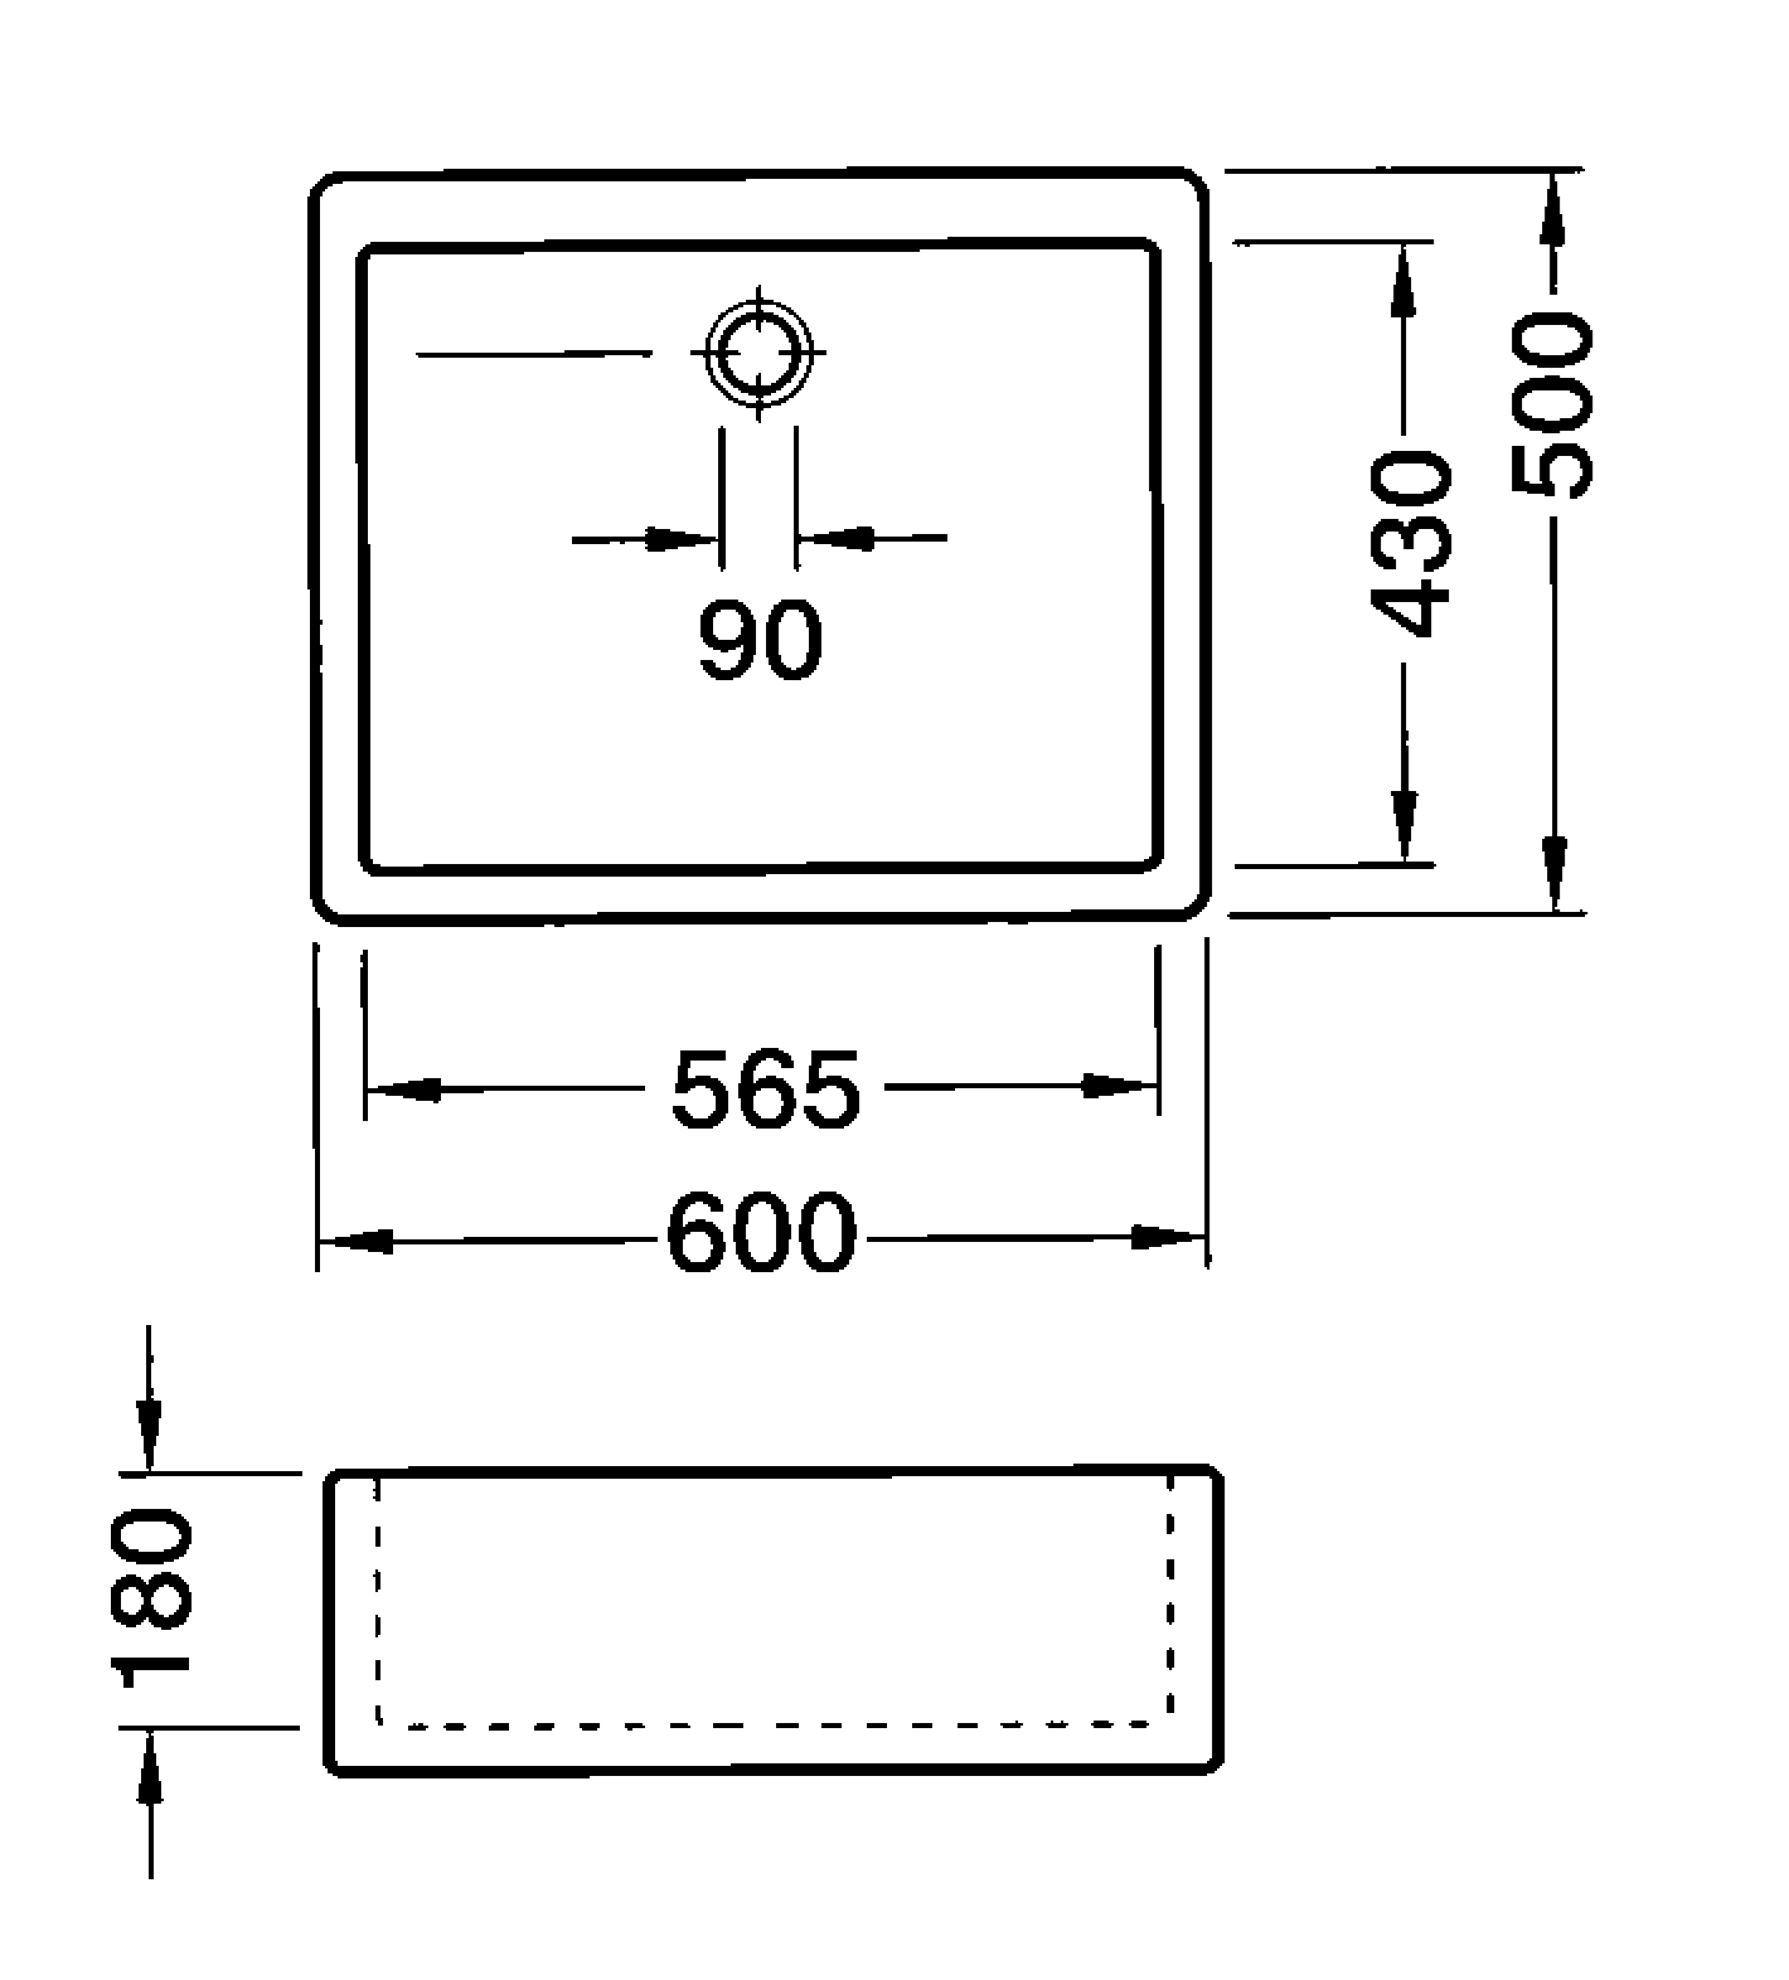 Villeroy & Boch: Farmhouse 60 Ceramic Sink 6322 - Kitchen Sinks & Taps